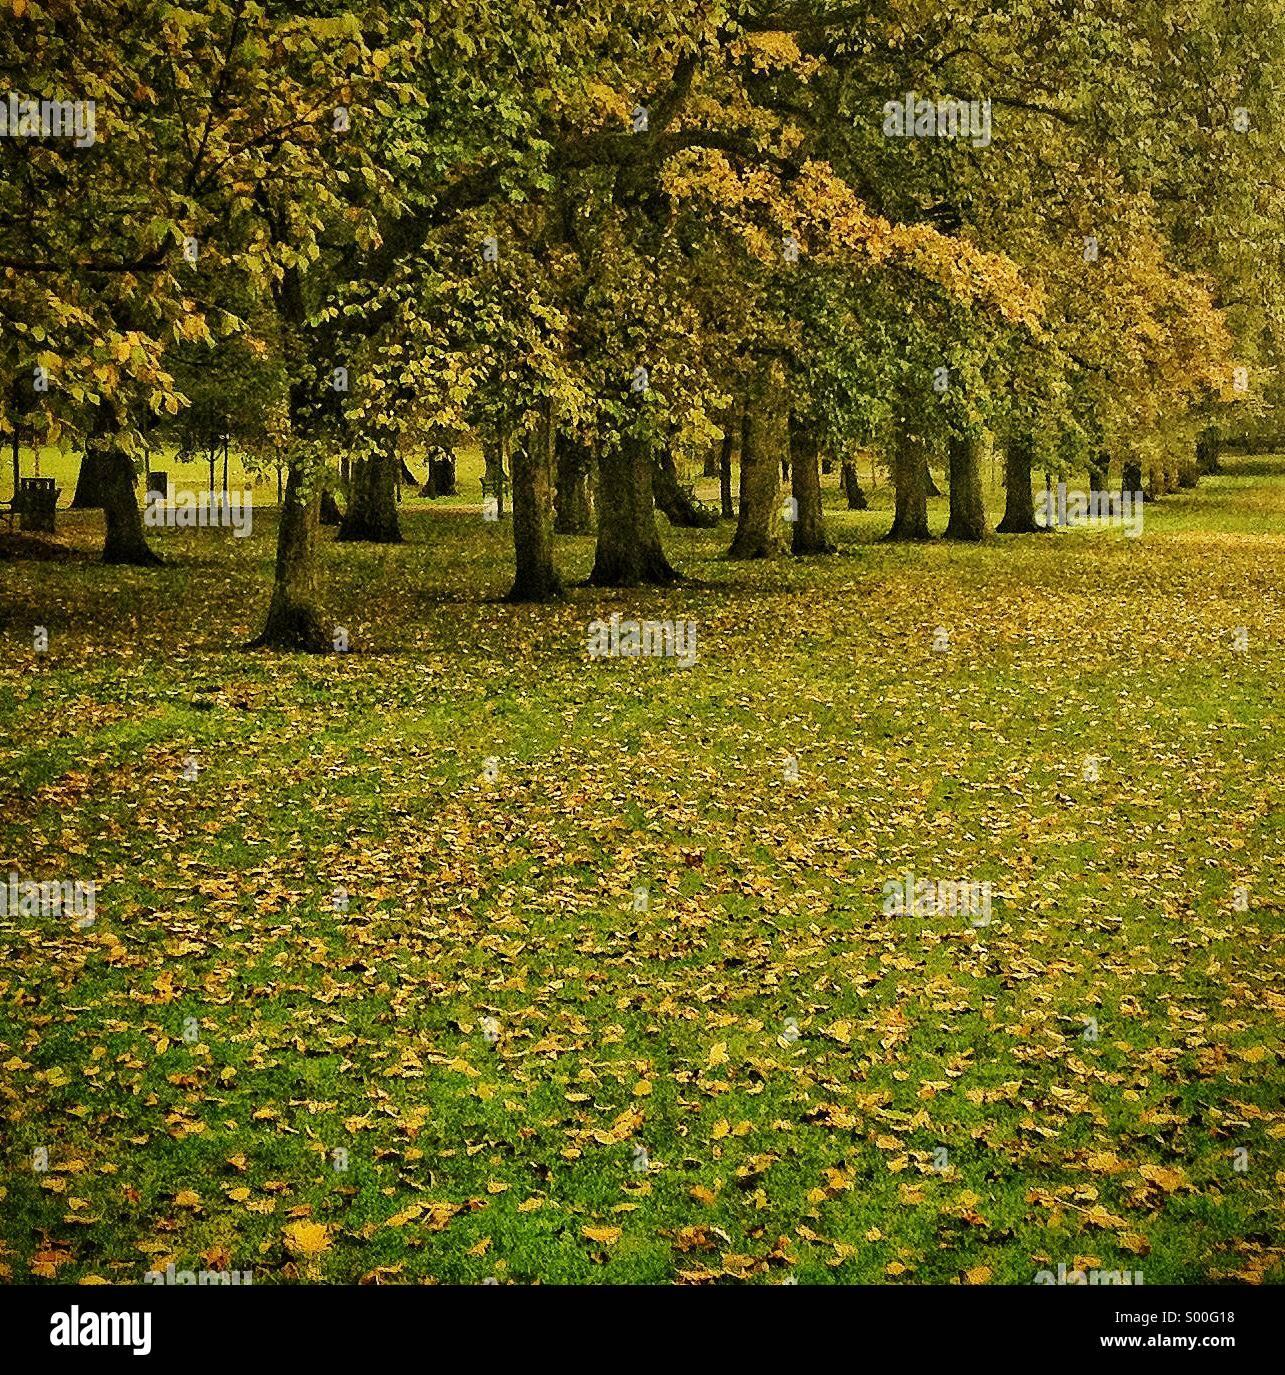 Ruta bordeada de árboles en el otoño, Edimburgo, Reino Unido Imagen De Stock